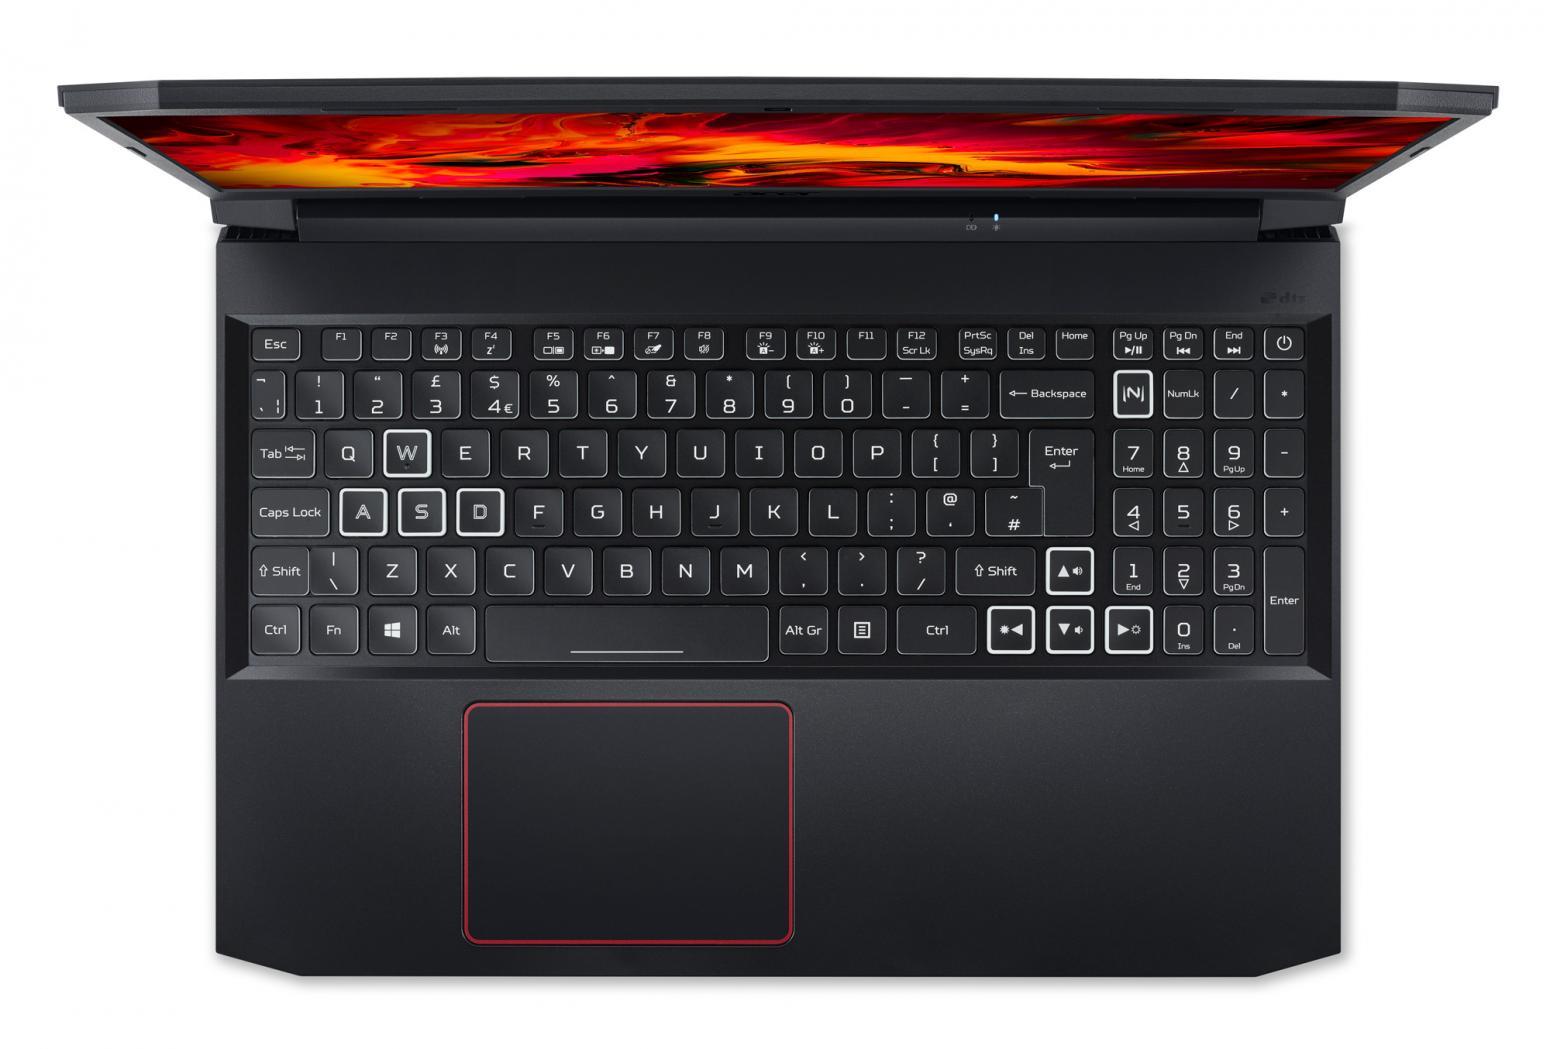 Ordinateur portable Acer Nitro 5 AN515-55-5041 - RTX 3060, 144Hz - photo 6